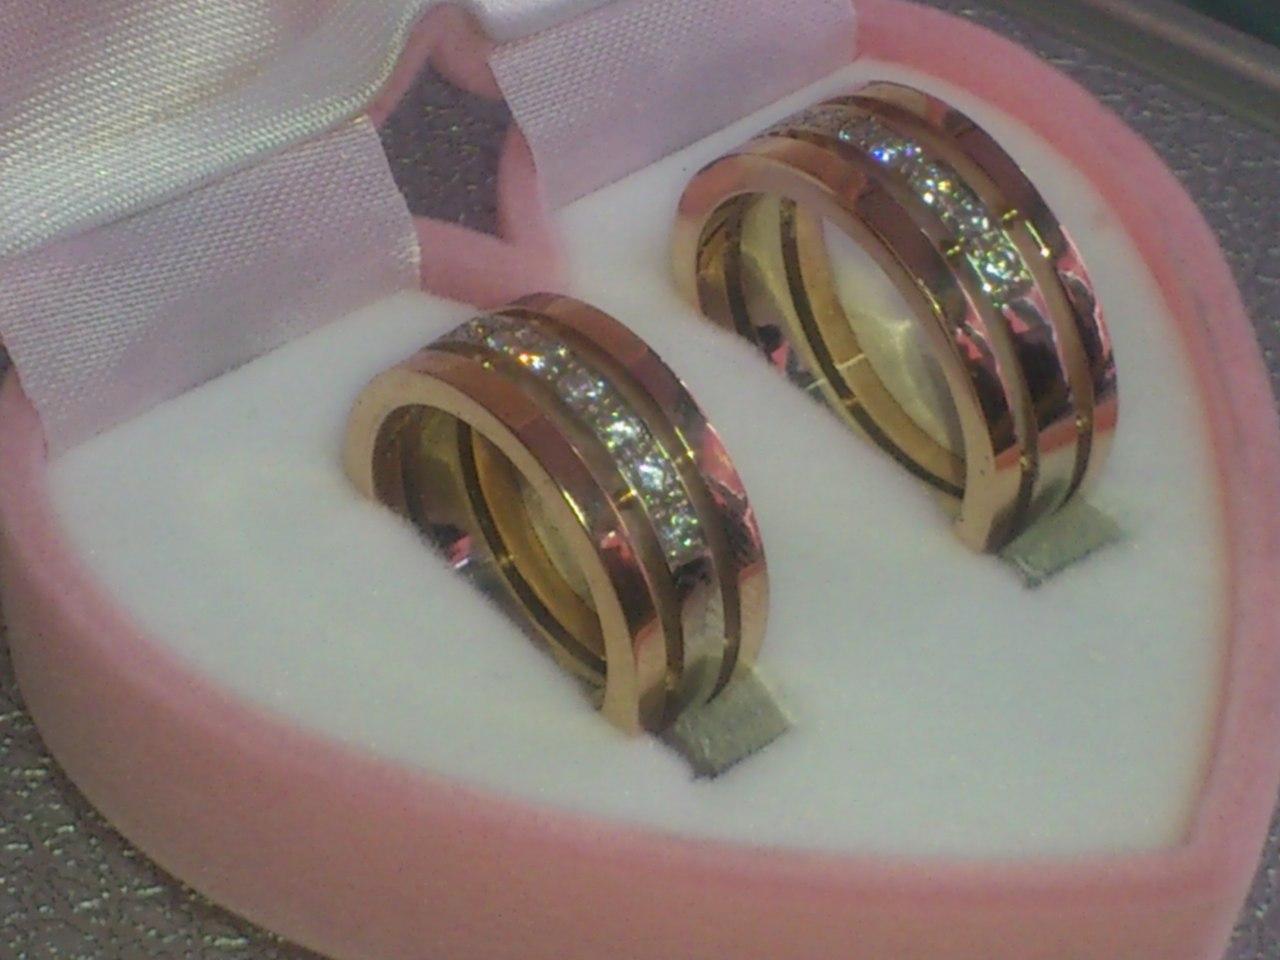 Где купить обручальные кольца во Владивостоке? Магазины обручальных колец во Владивостоке